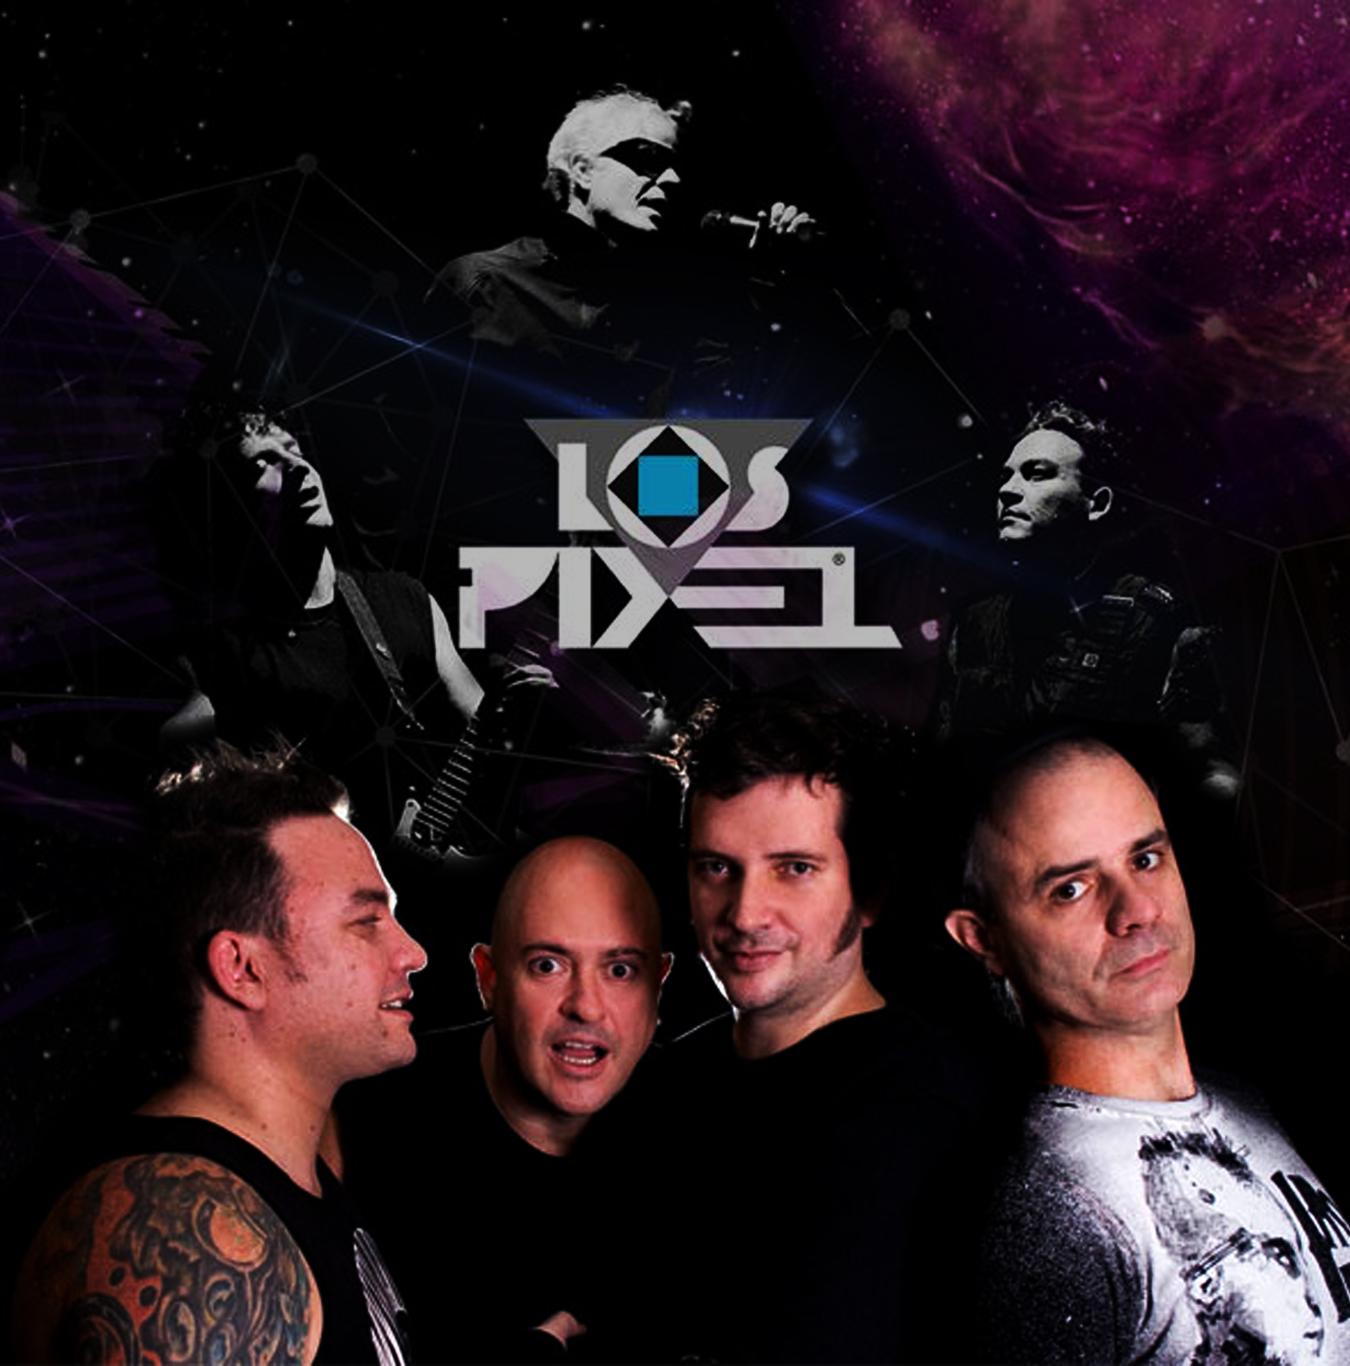 Los Pixel: ¡De Caracas al Grammy Latino!